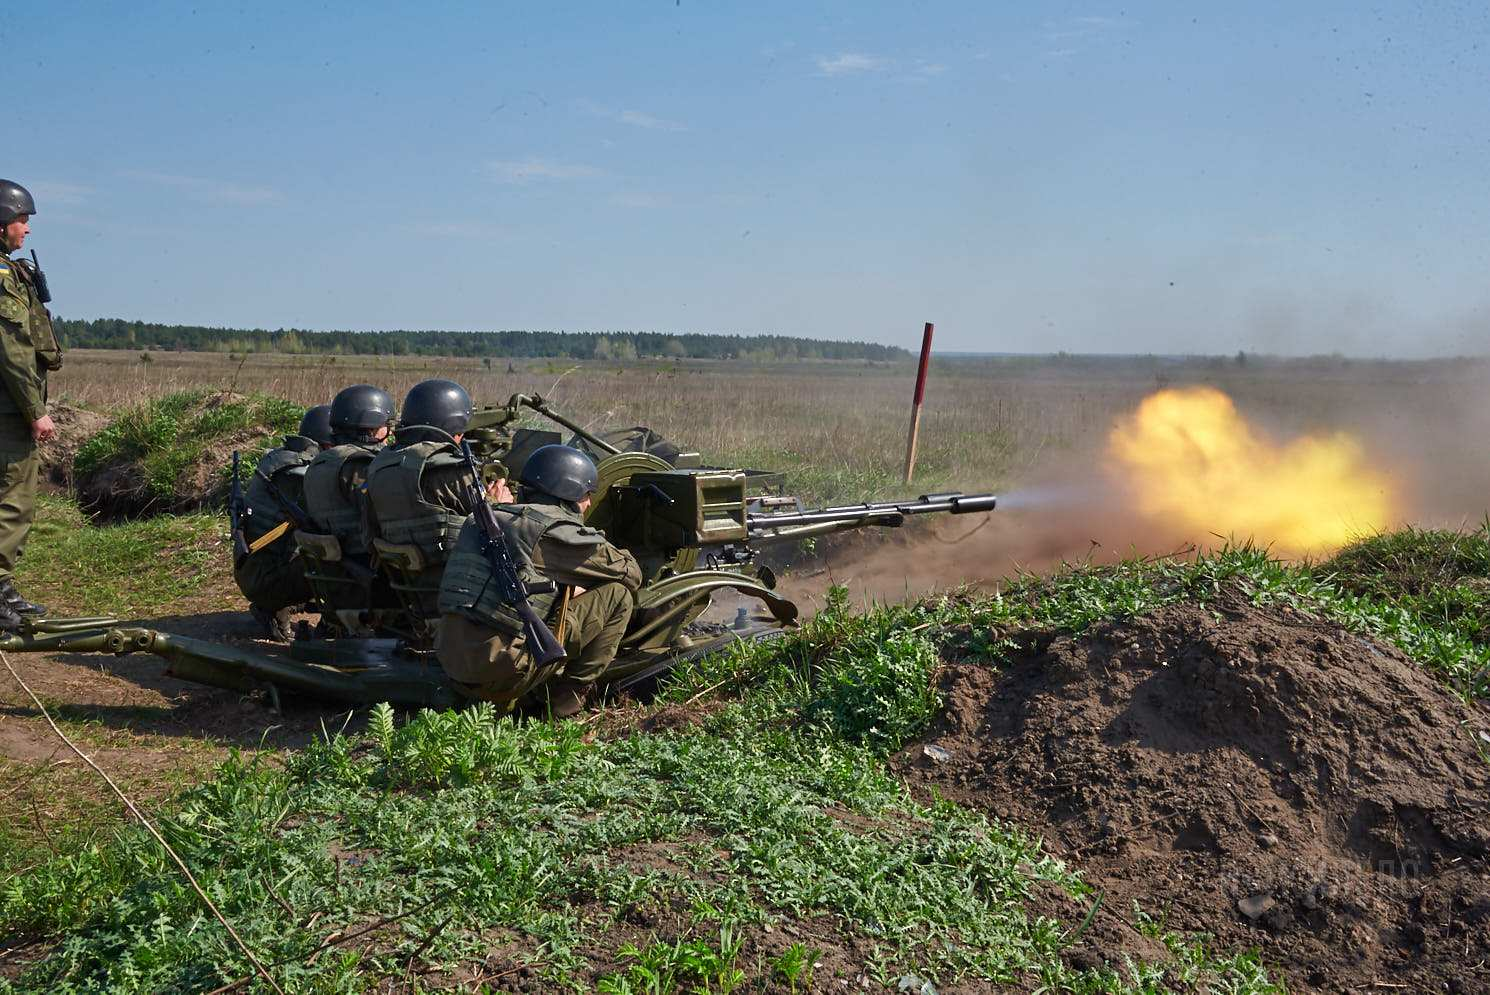 брдм бтр стрельба учения полигон башкировка зенитная установка зу